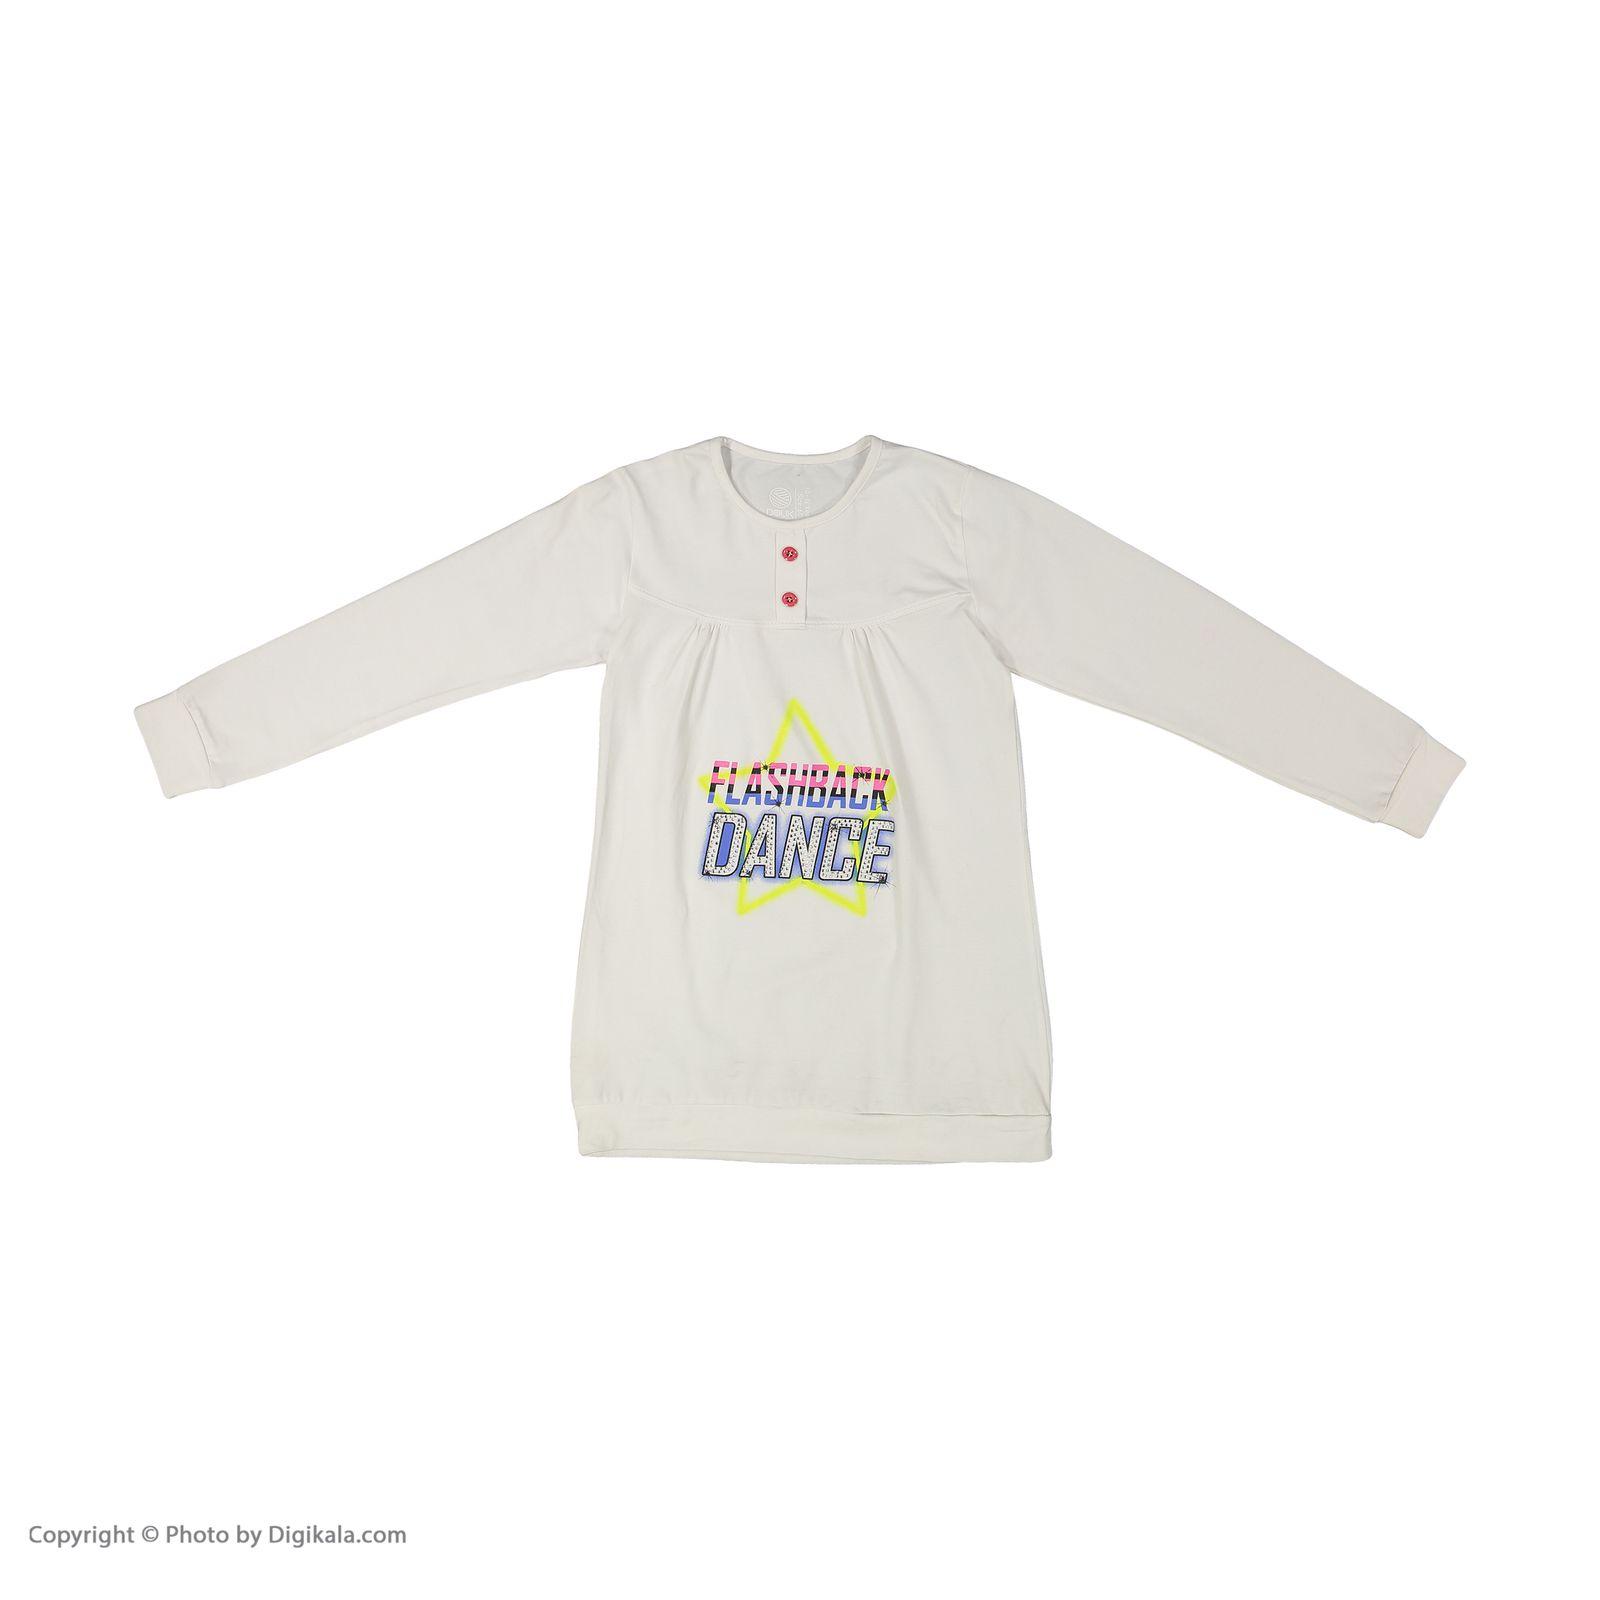 تی شرت دخترانه سون پون مدل 1391360-01 -  - 3